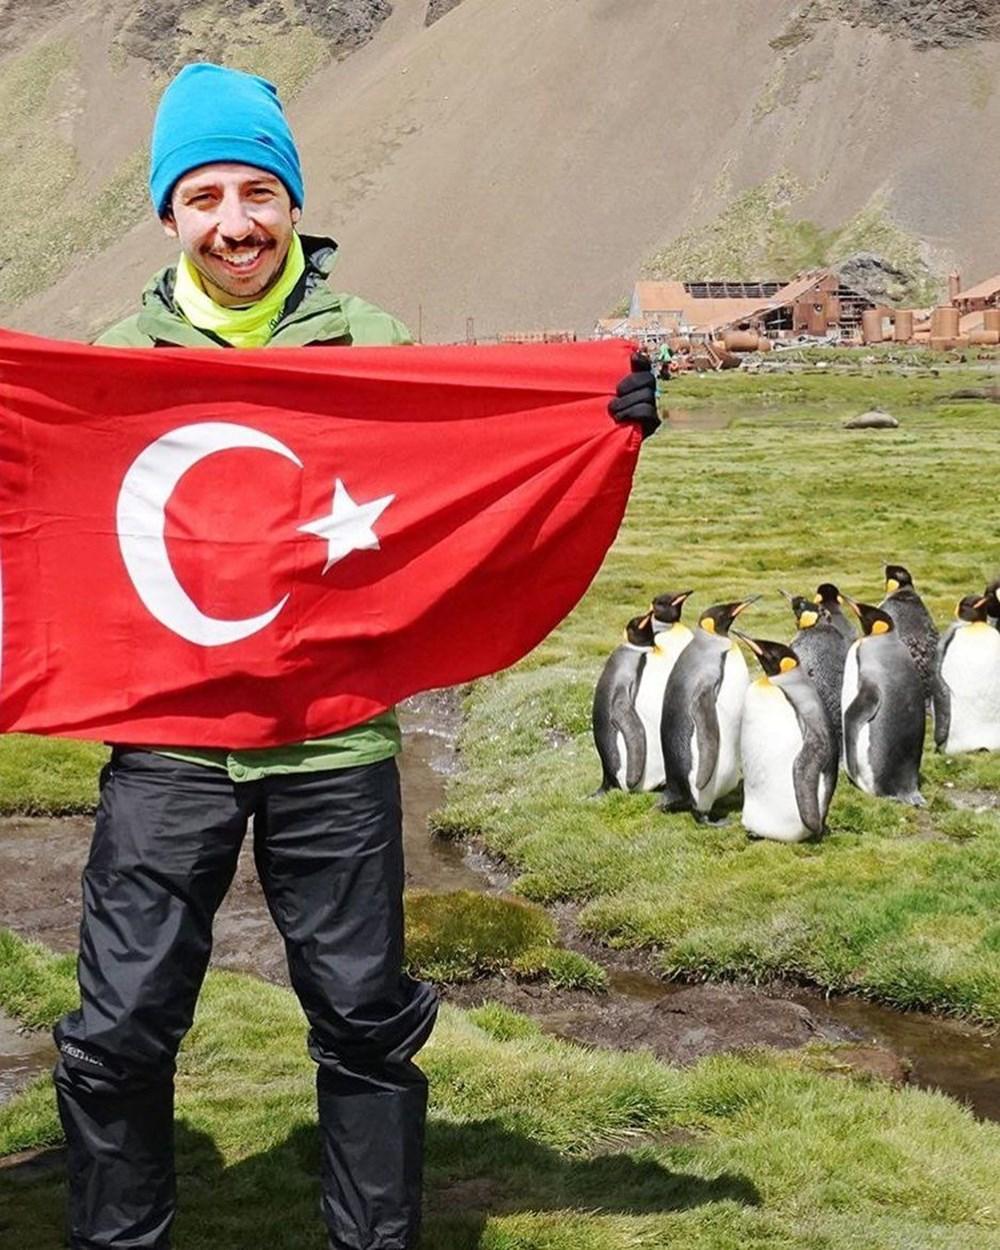 Türkiye'nin kuş dedektifi Emin Yoğurtcuoğlu kuşların peşinde dünyayı geziyor - 4